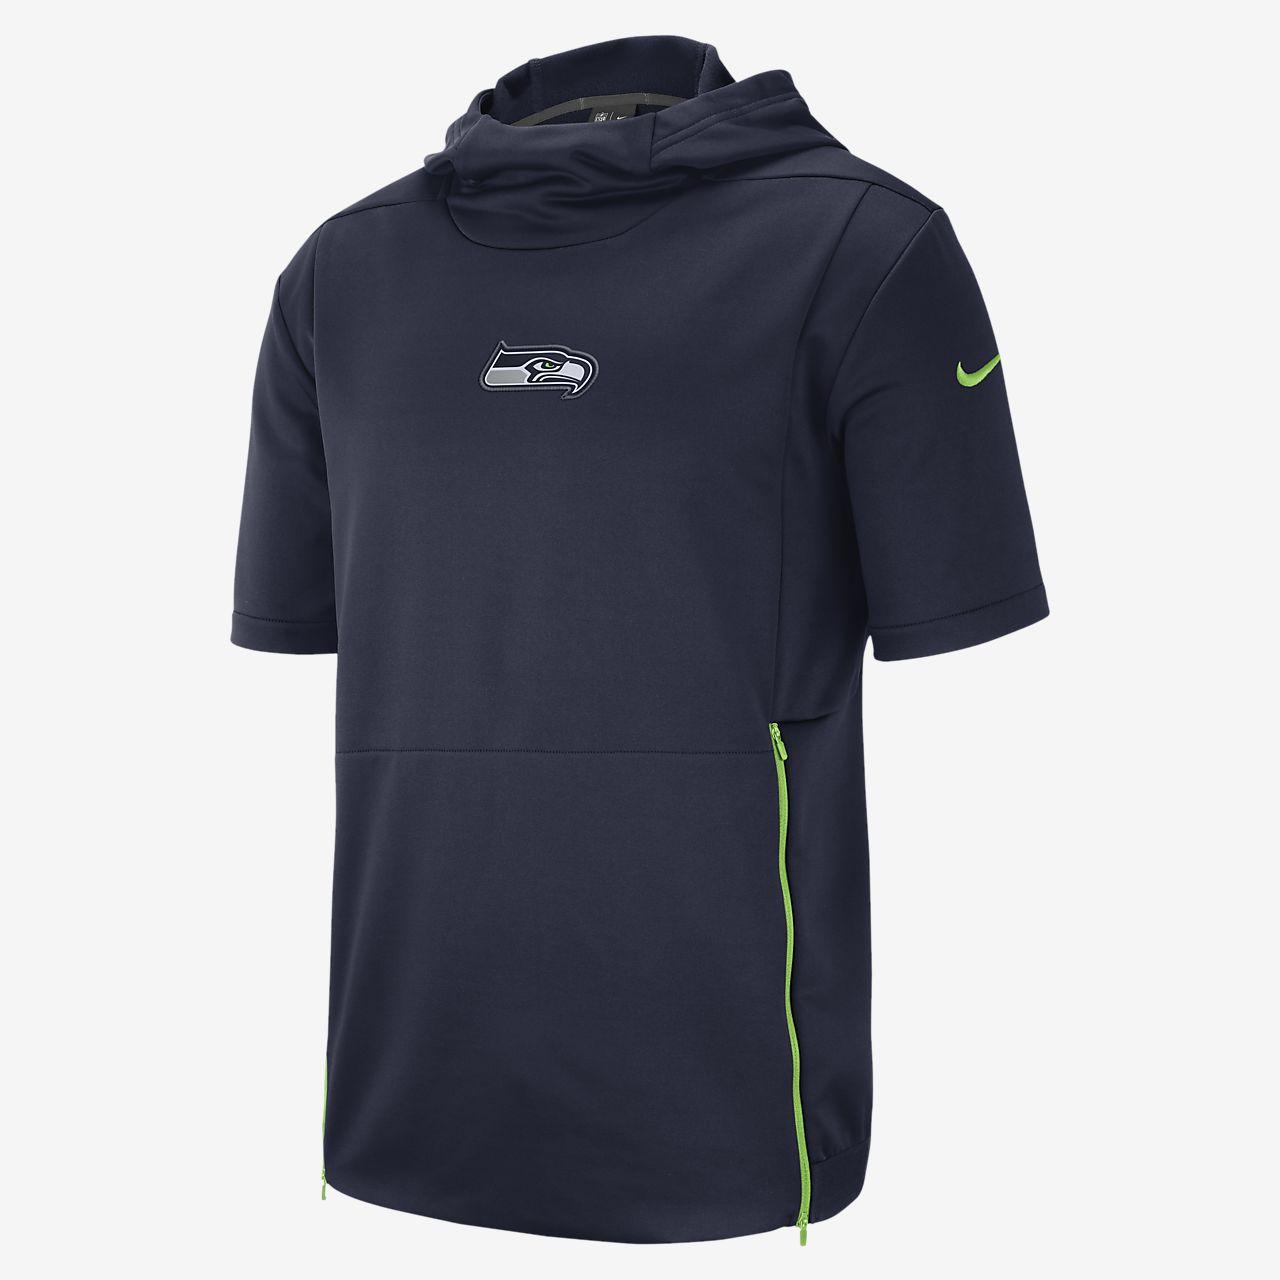 Nike Dri-FIT Therma (NFL Seahawks) kortermet overdel med hette til herre